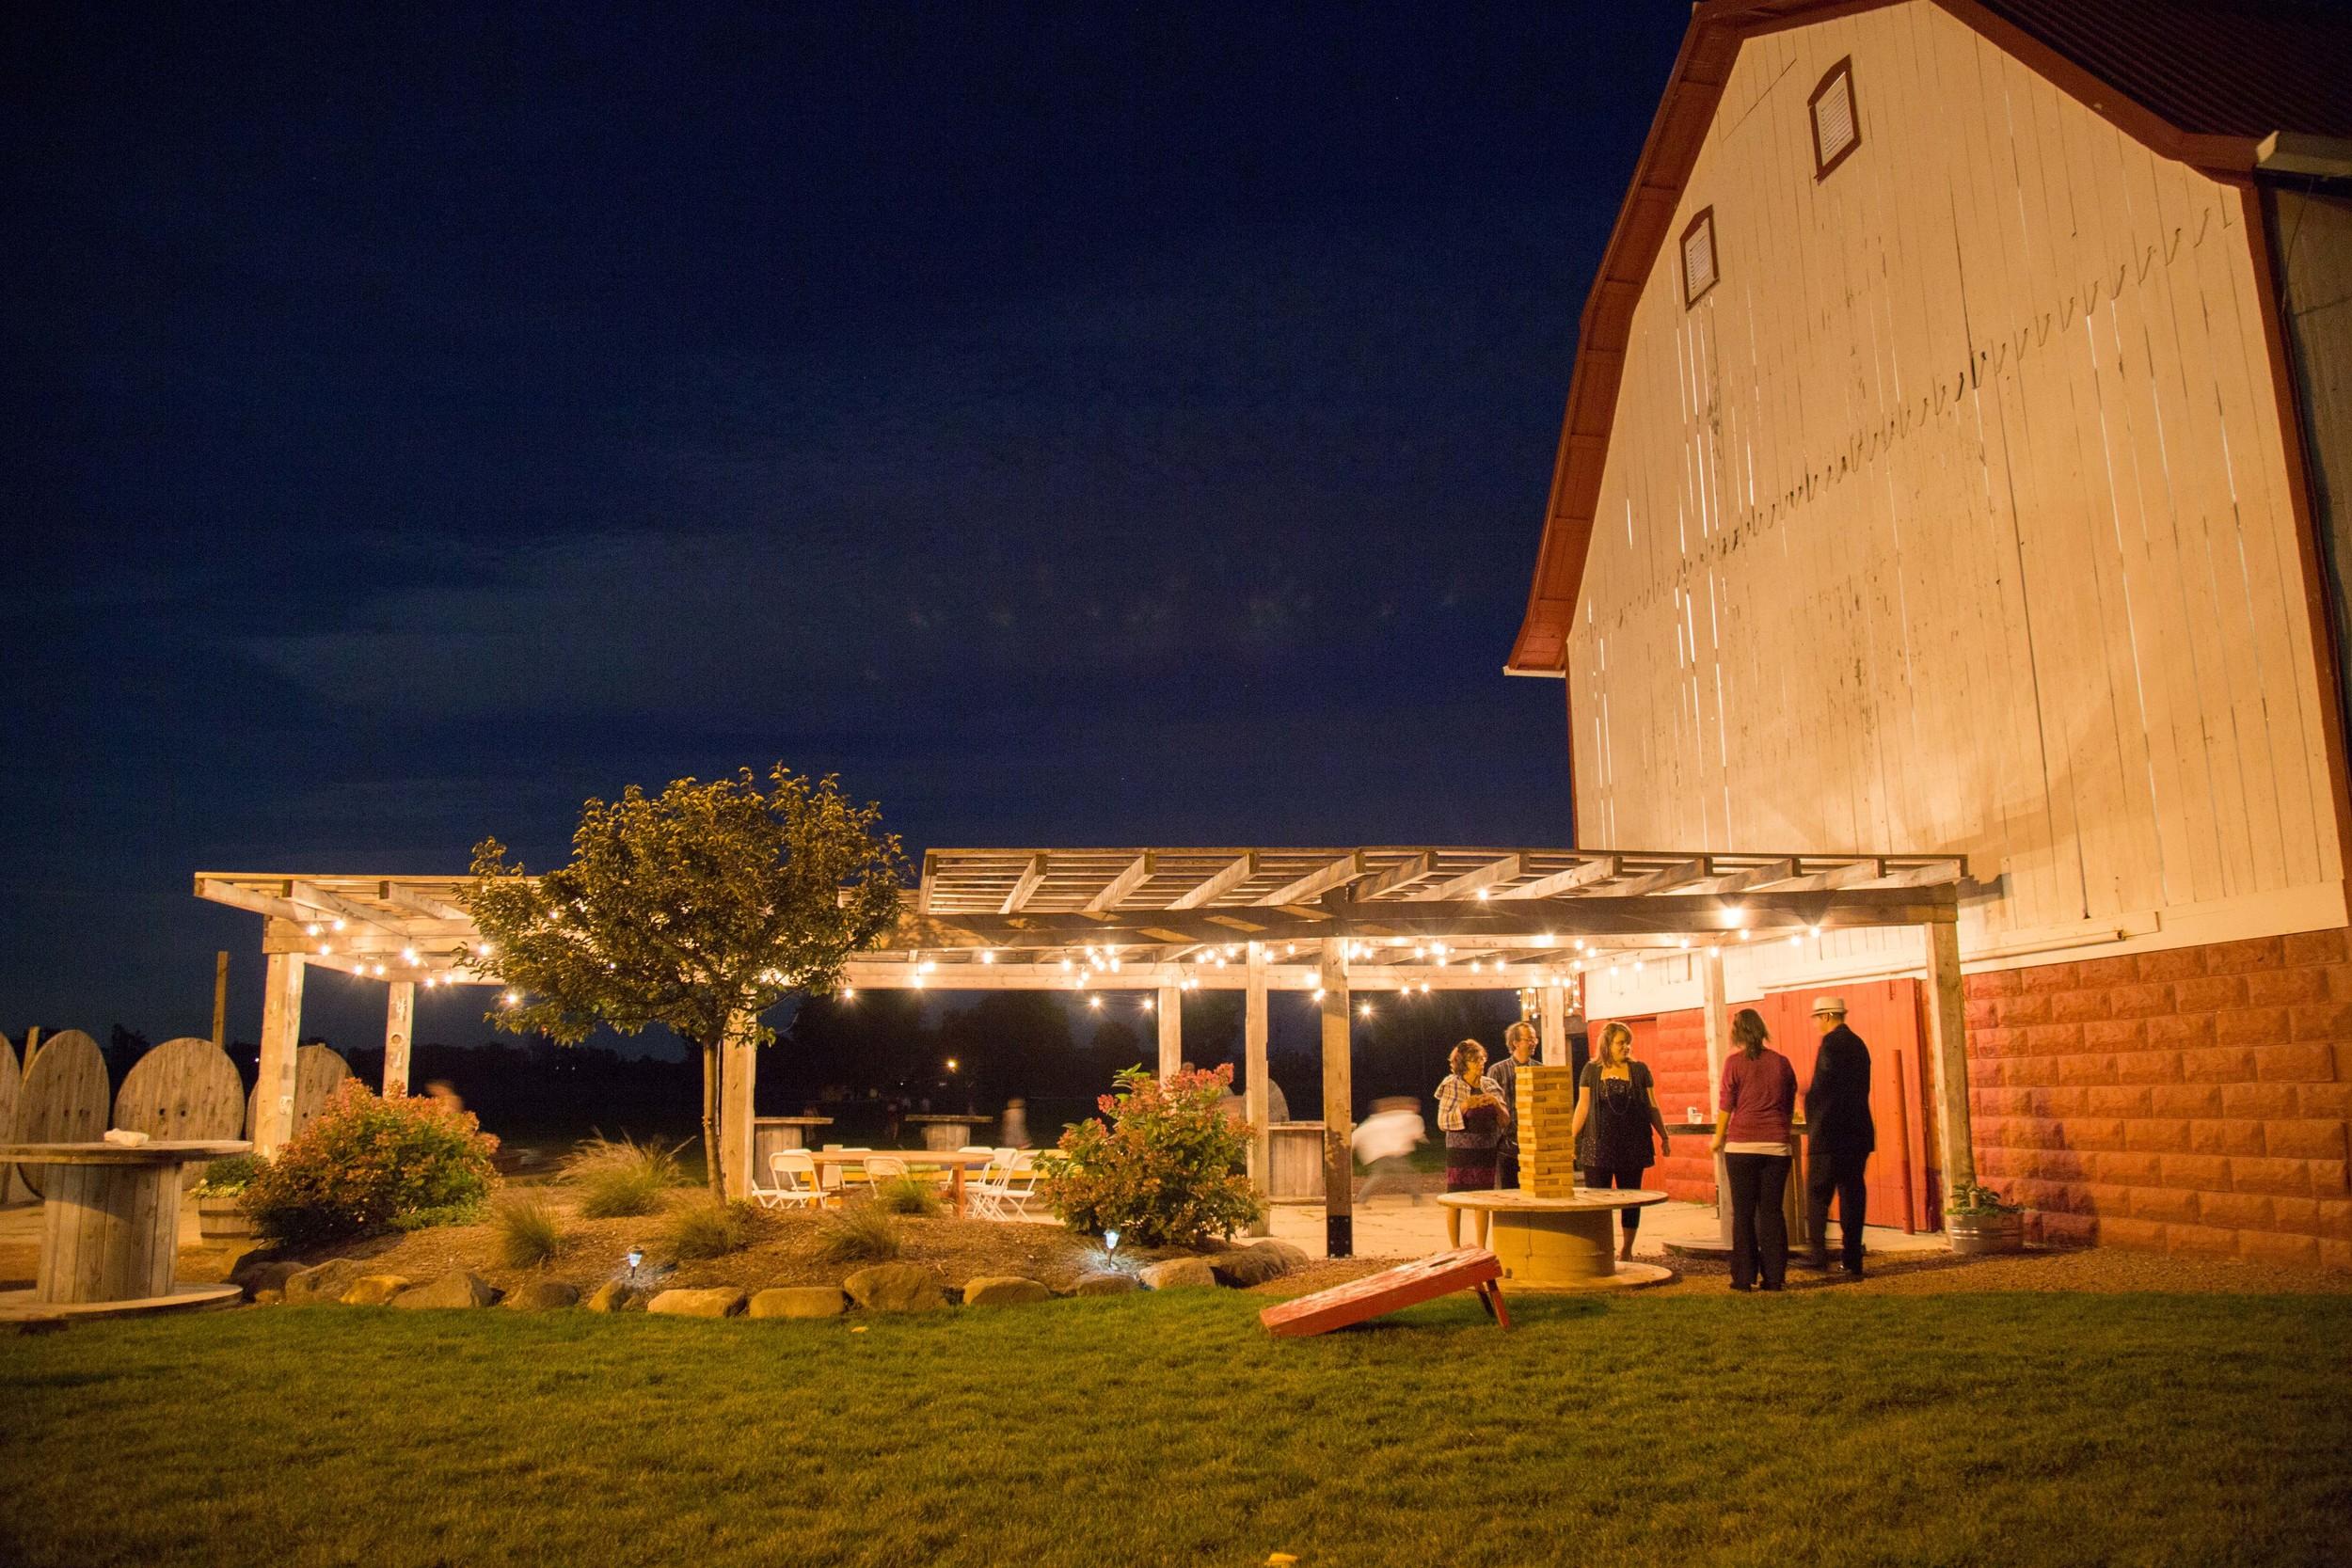 9_25-Pergola_Barn_Ropelights_Sunset_8487.jpg